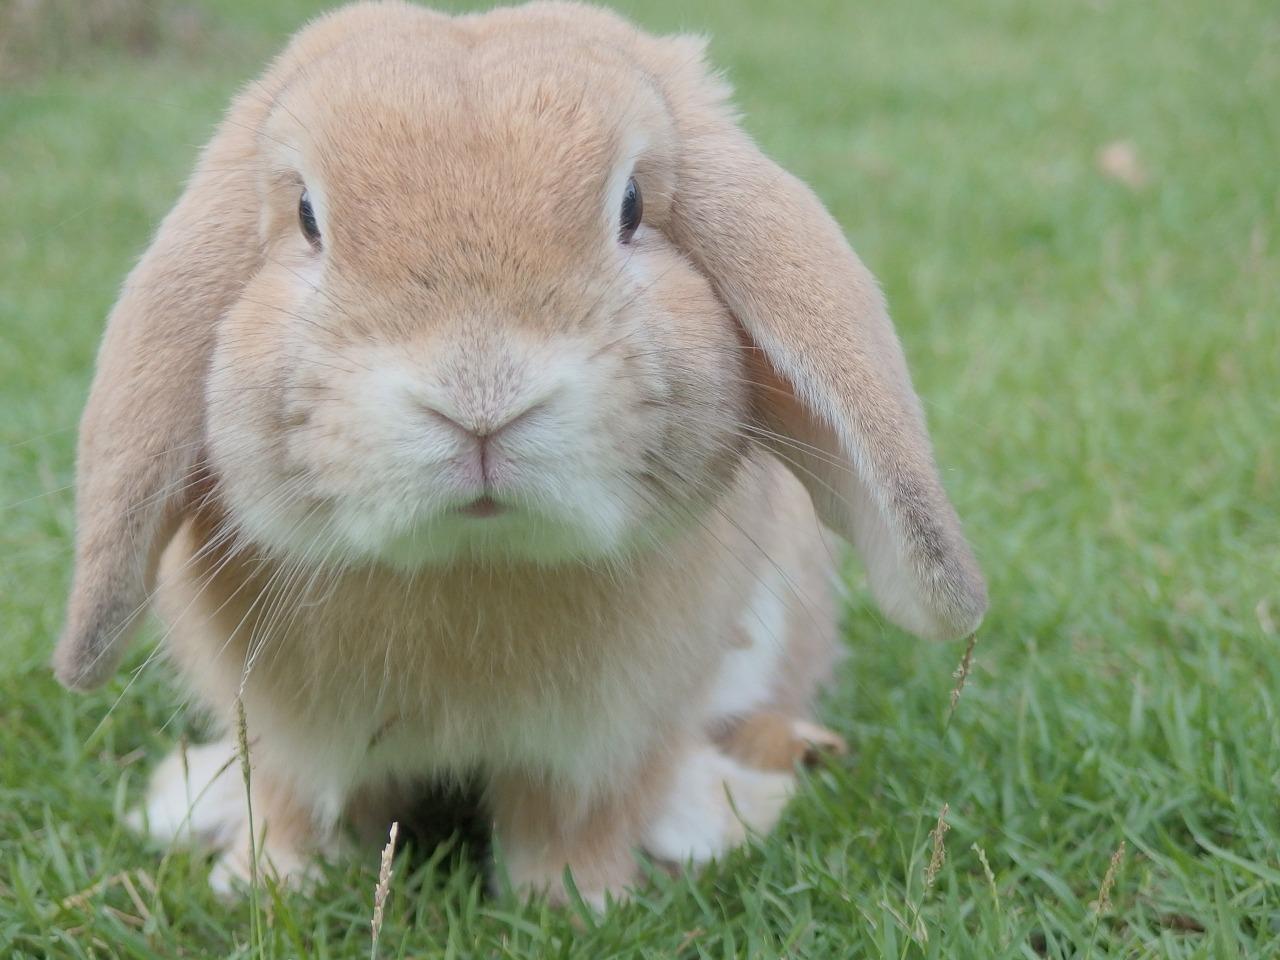 میخچه در کف پای خرگوش خانگی  یکی از رایج ترین بیماری های خرگوش است